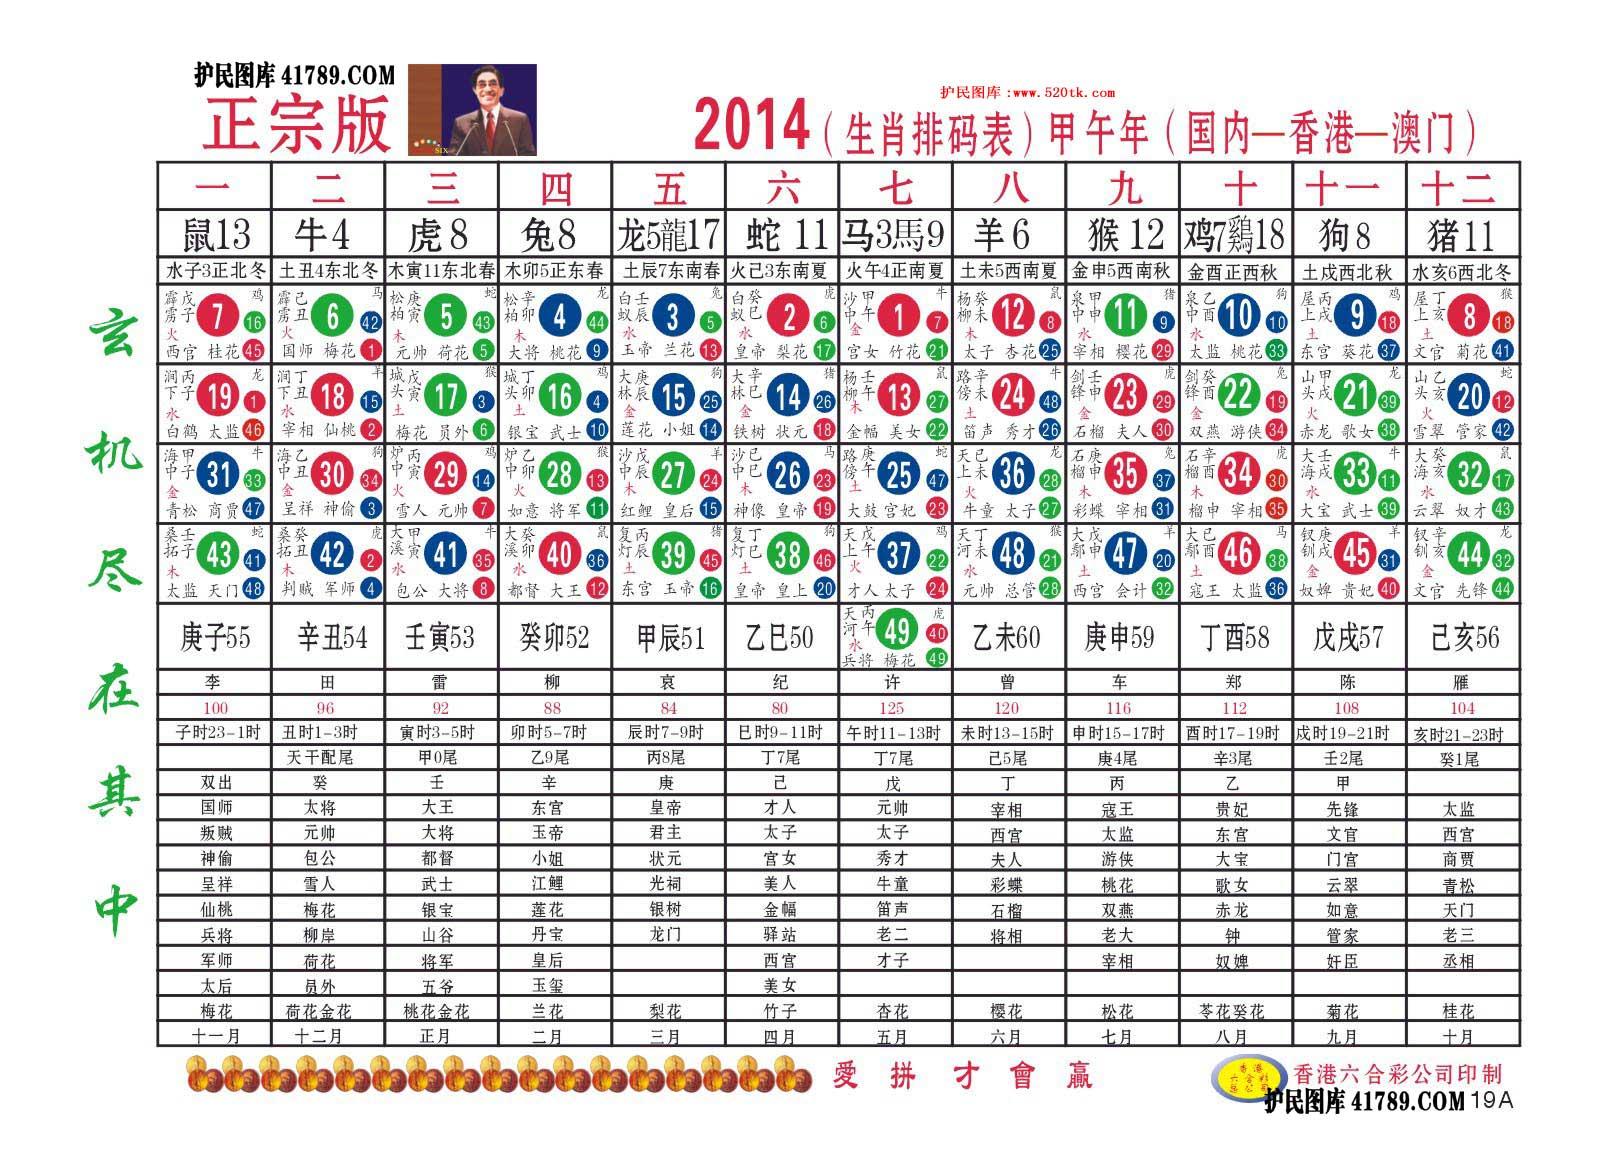 2014十二生肖运程表_2015生肖表图片大全_2015生肖表图片下载